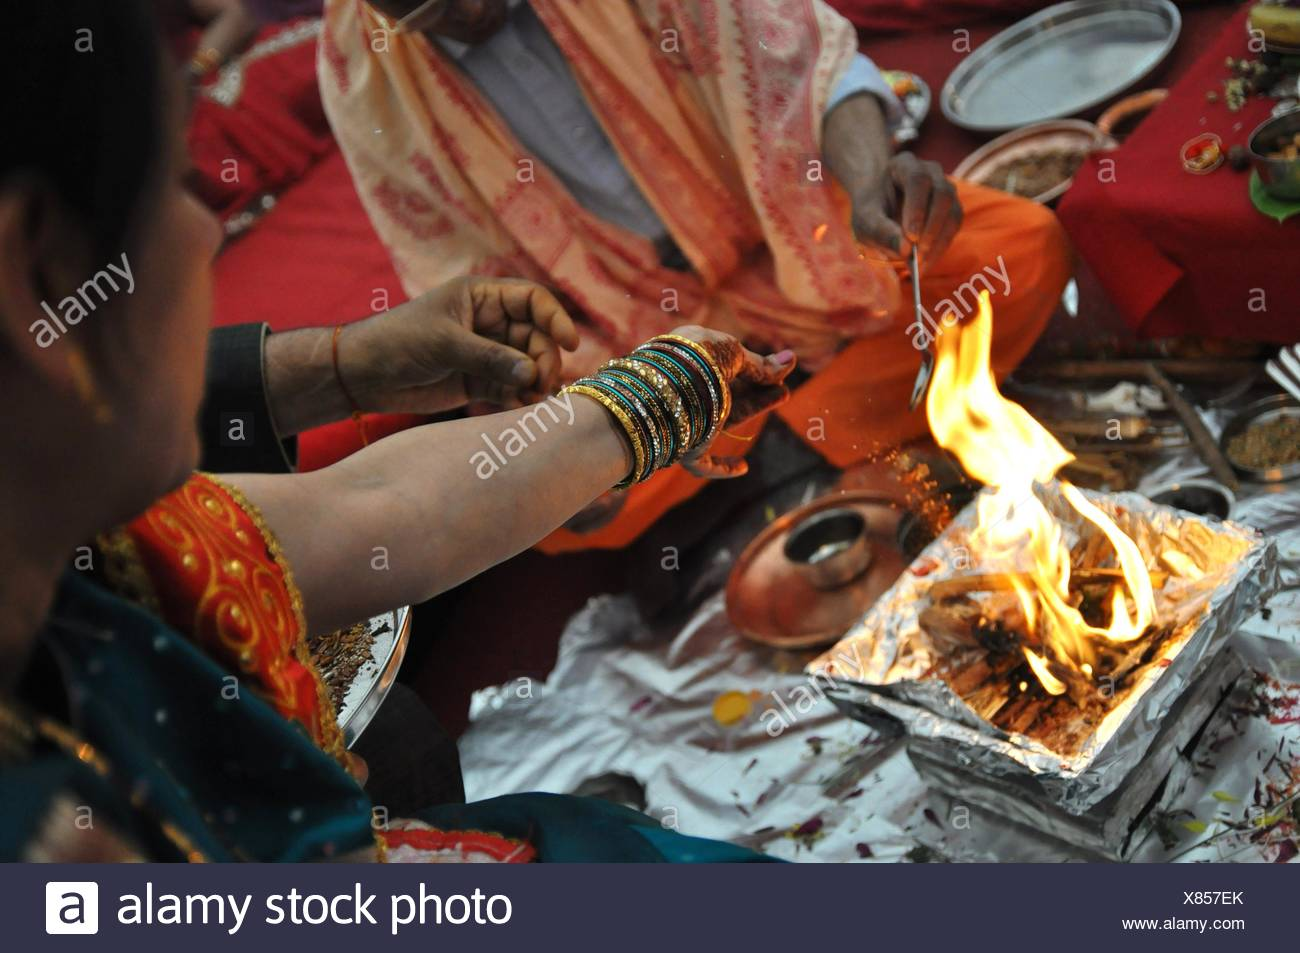 Braut Und Brautigam Rituale Bei Hochzeit Stockfoto Bild 280398795